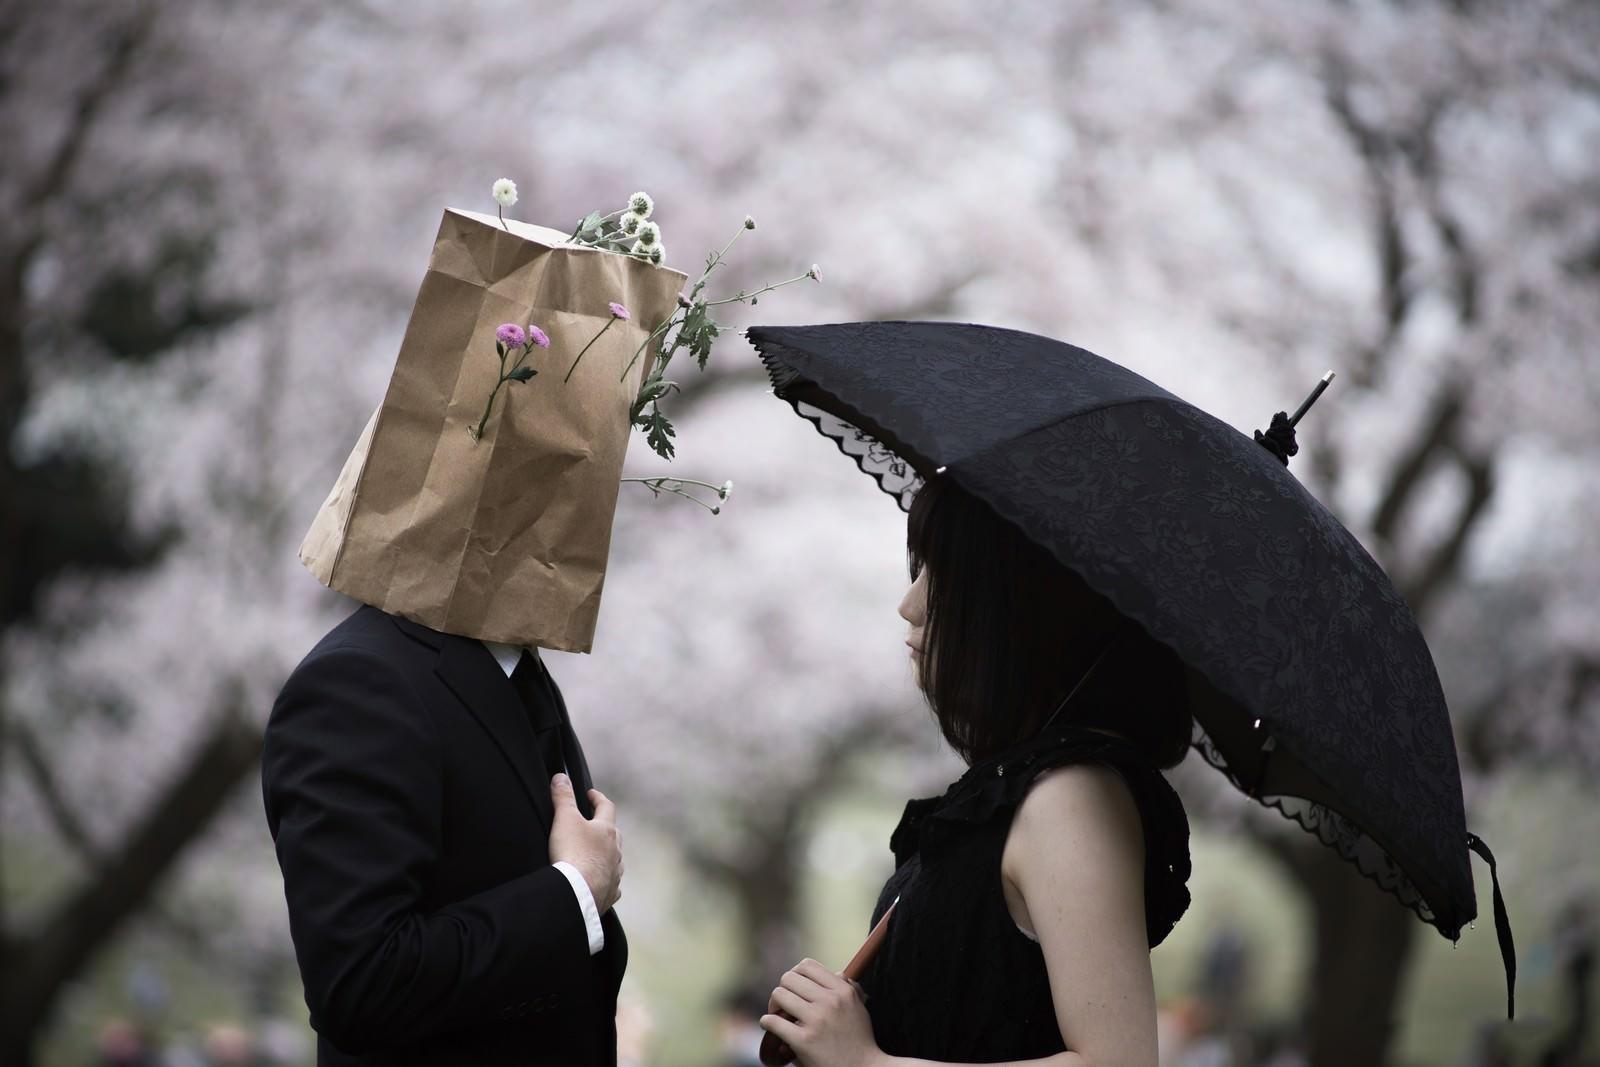 「匿名の恋」の写真